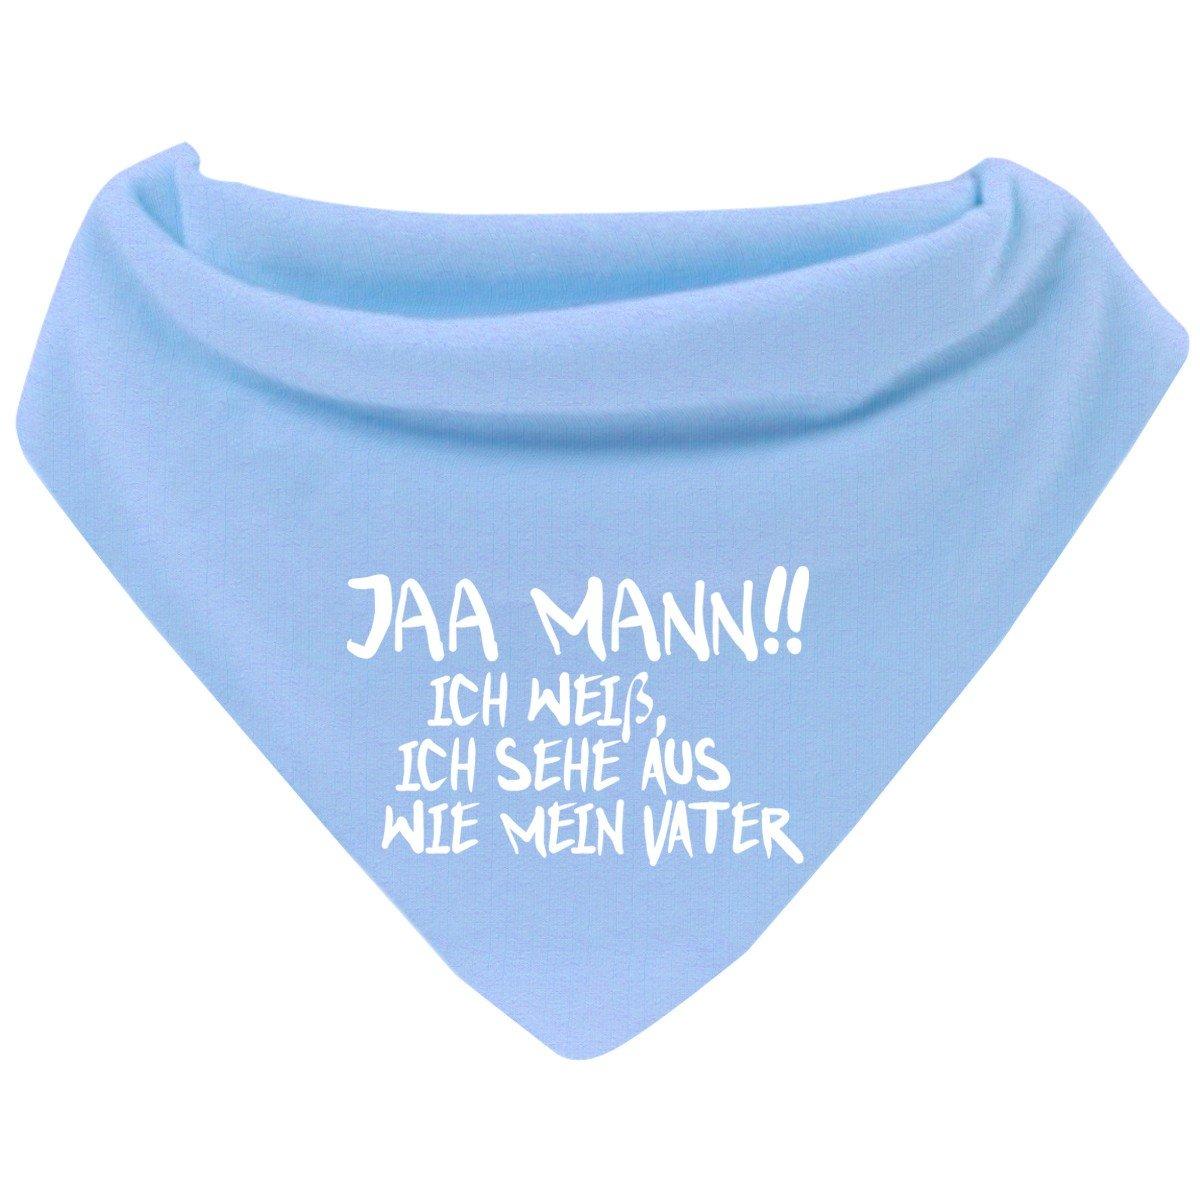 Mikalino Baby Halstuch Bandana Jaa Mann! Ich weiß, ich sehe aus wie mein Vater mit Klettverschluss Farbe:navy